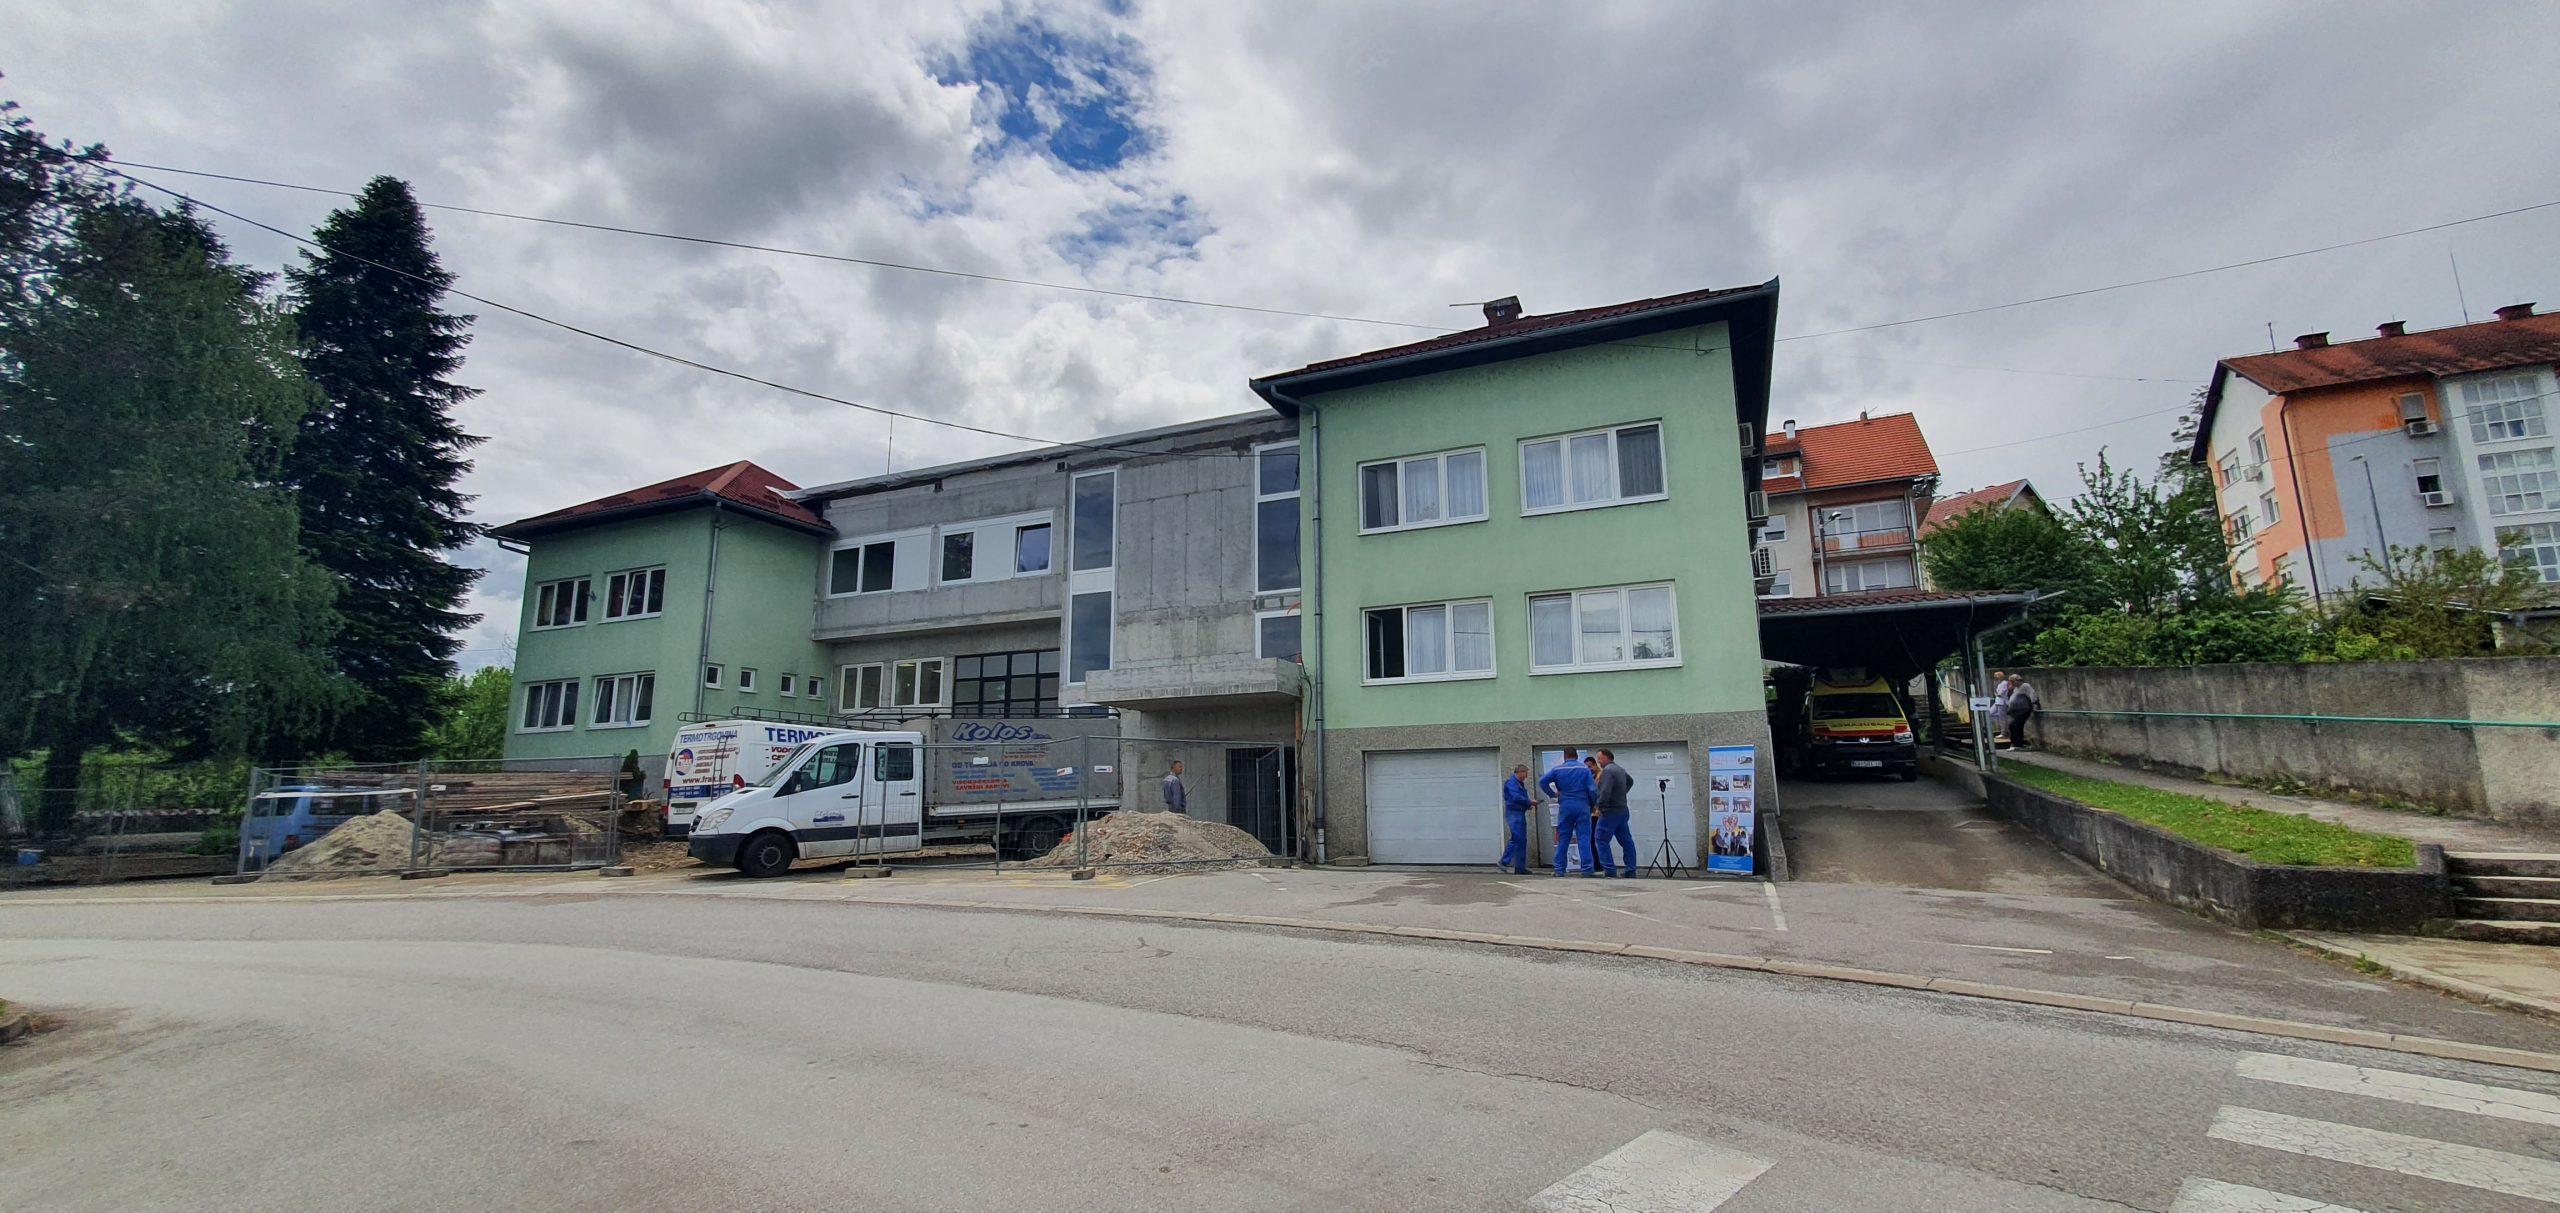 Druga faza radova na rekonstrukciji Doma zdravlja Ozalj pred završetkom